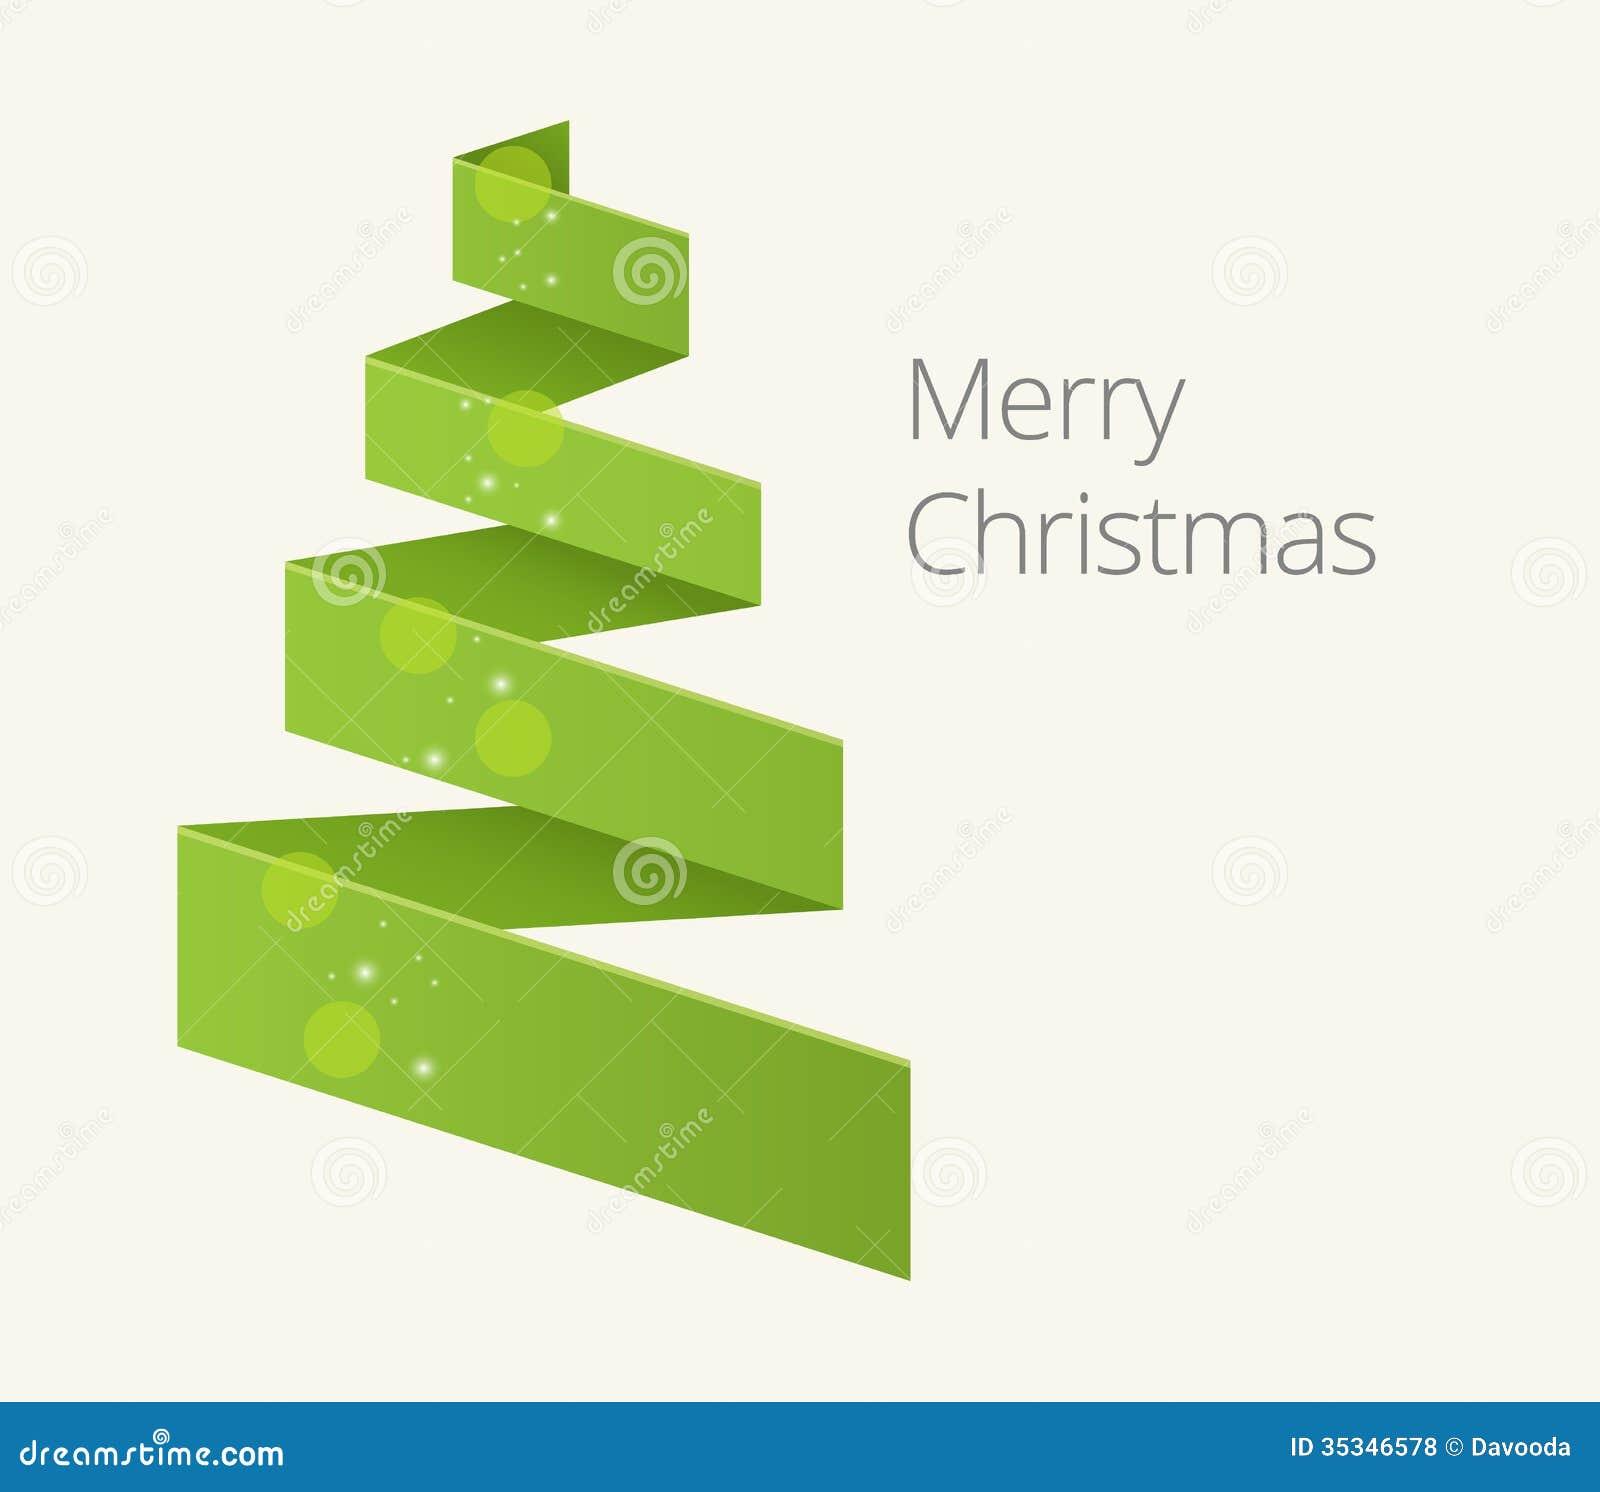 Simple Christmas Tree Royalty Free Stock Photos - Image: 35346578